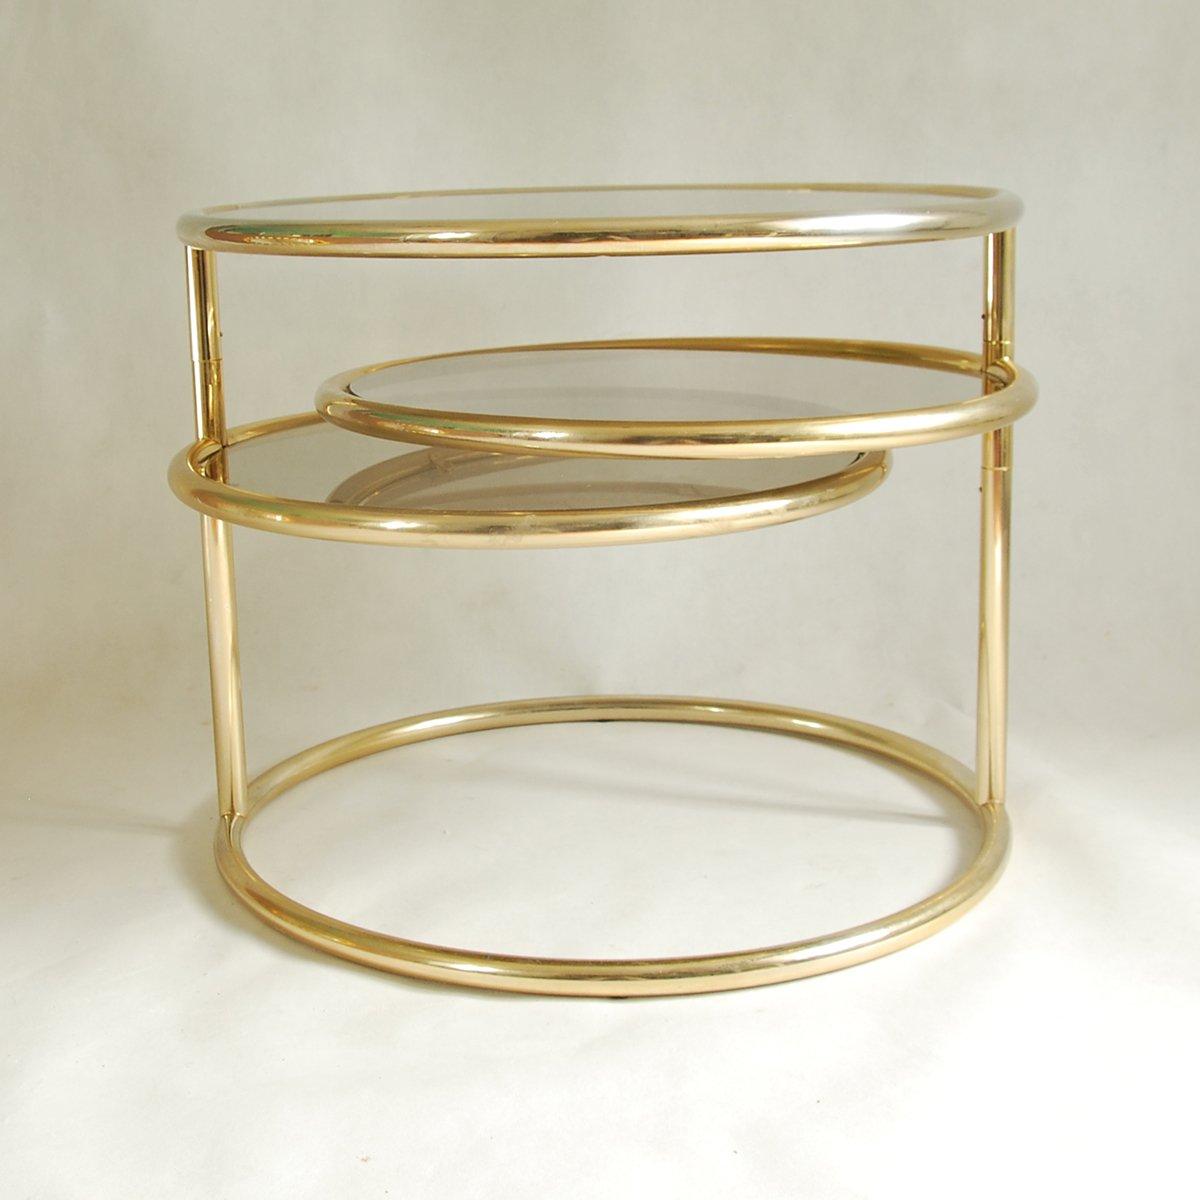 Französischer modularer Tisch, 1970er